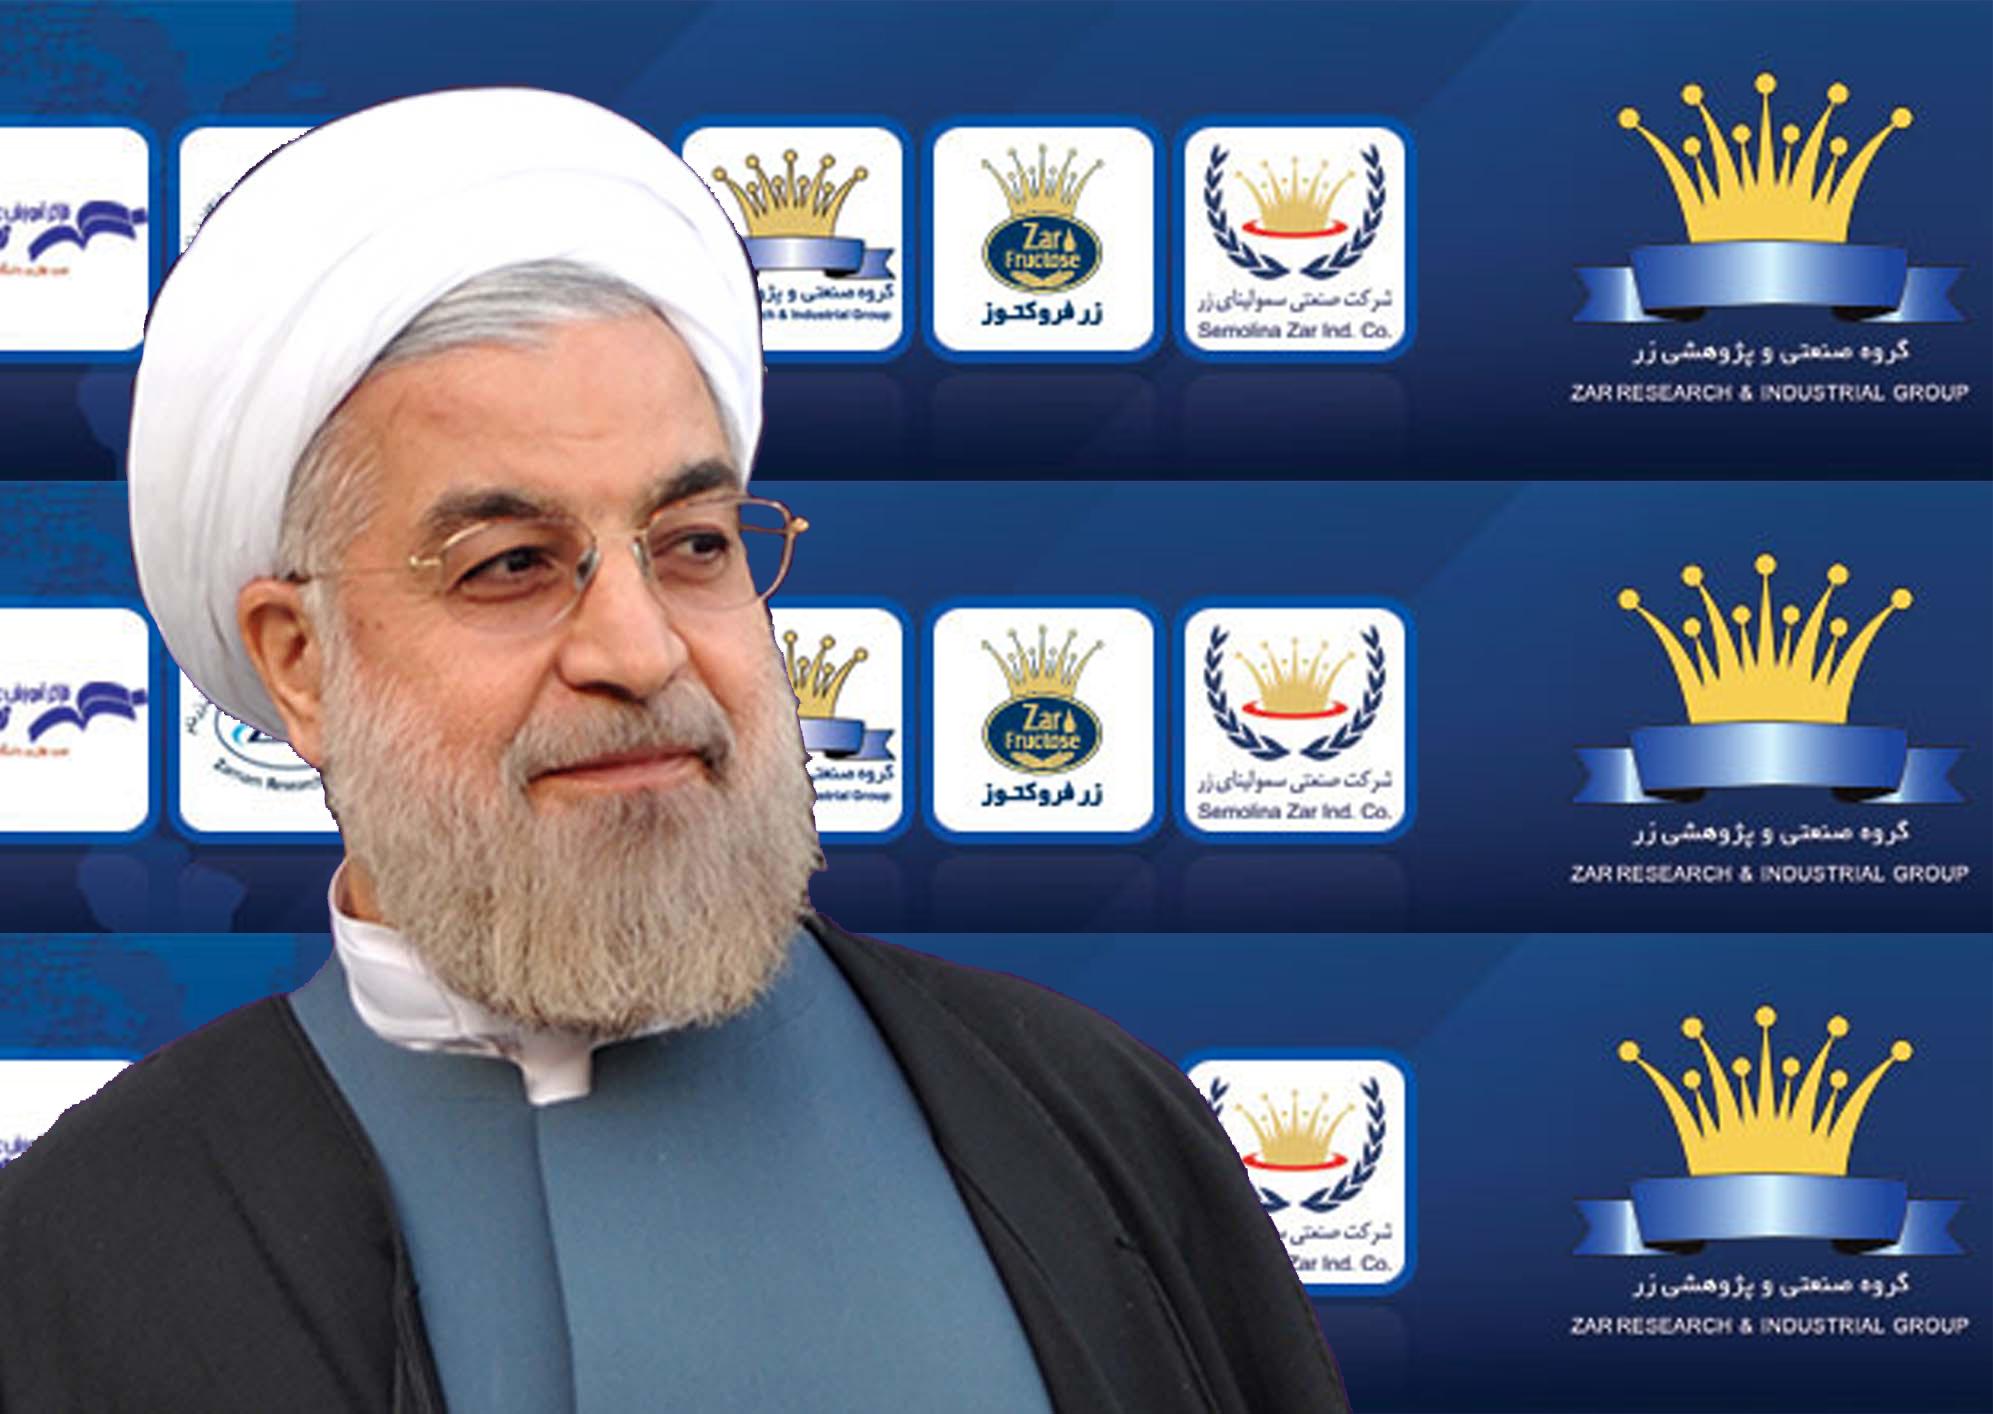 سفر غیر منتظره روحانی به البرز با طعم ماکارانی و پفک/ اقتصادی که با چرخ انتخابات می چرخد